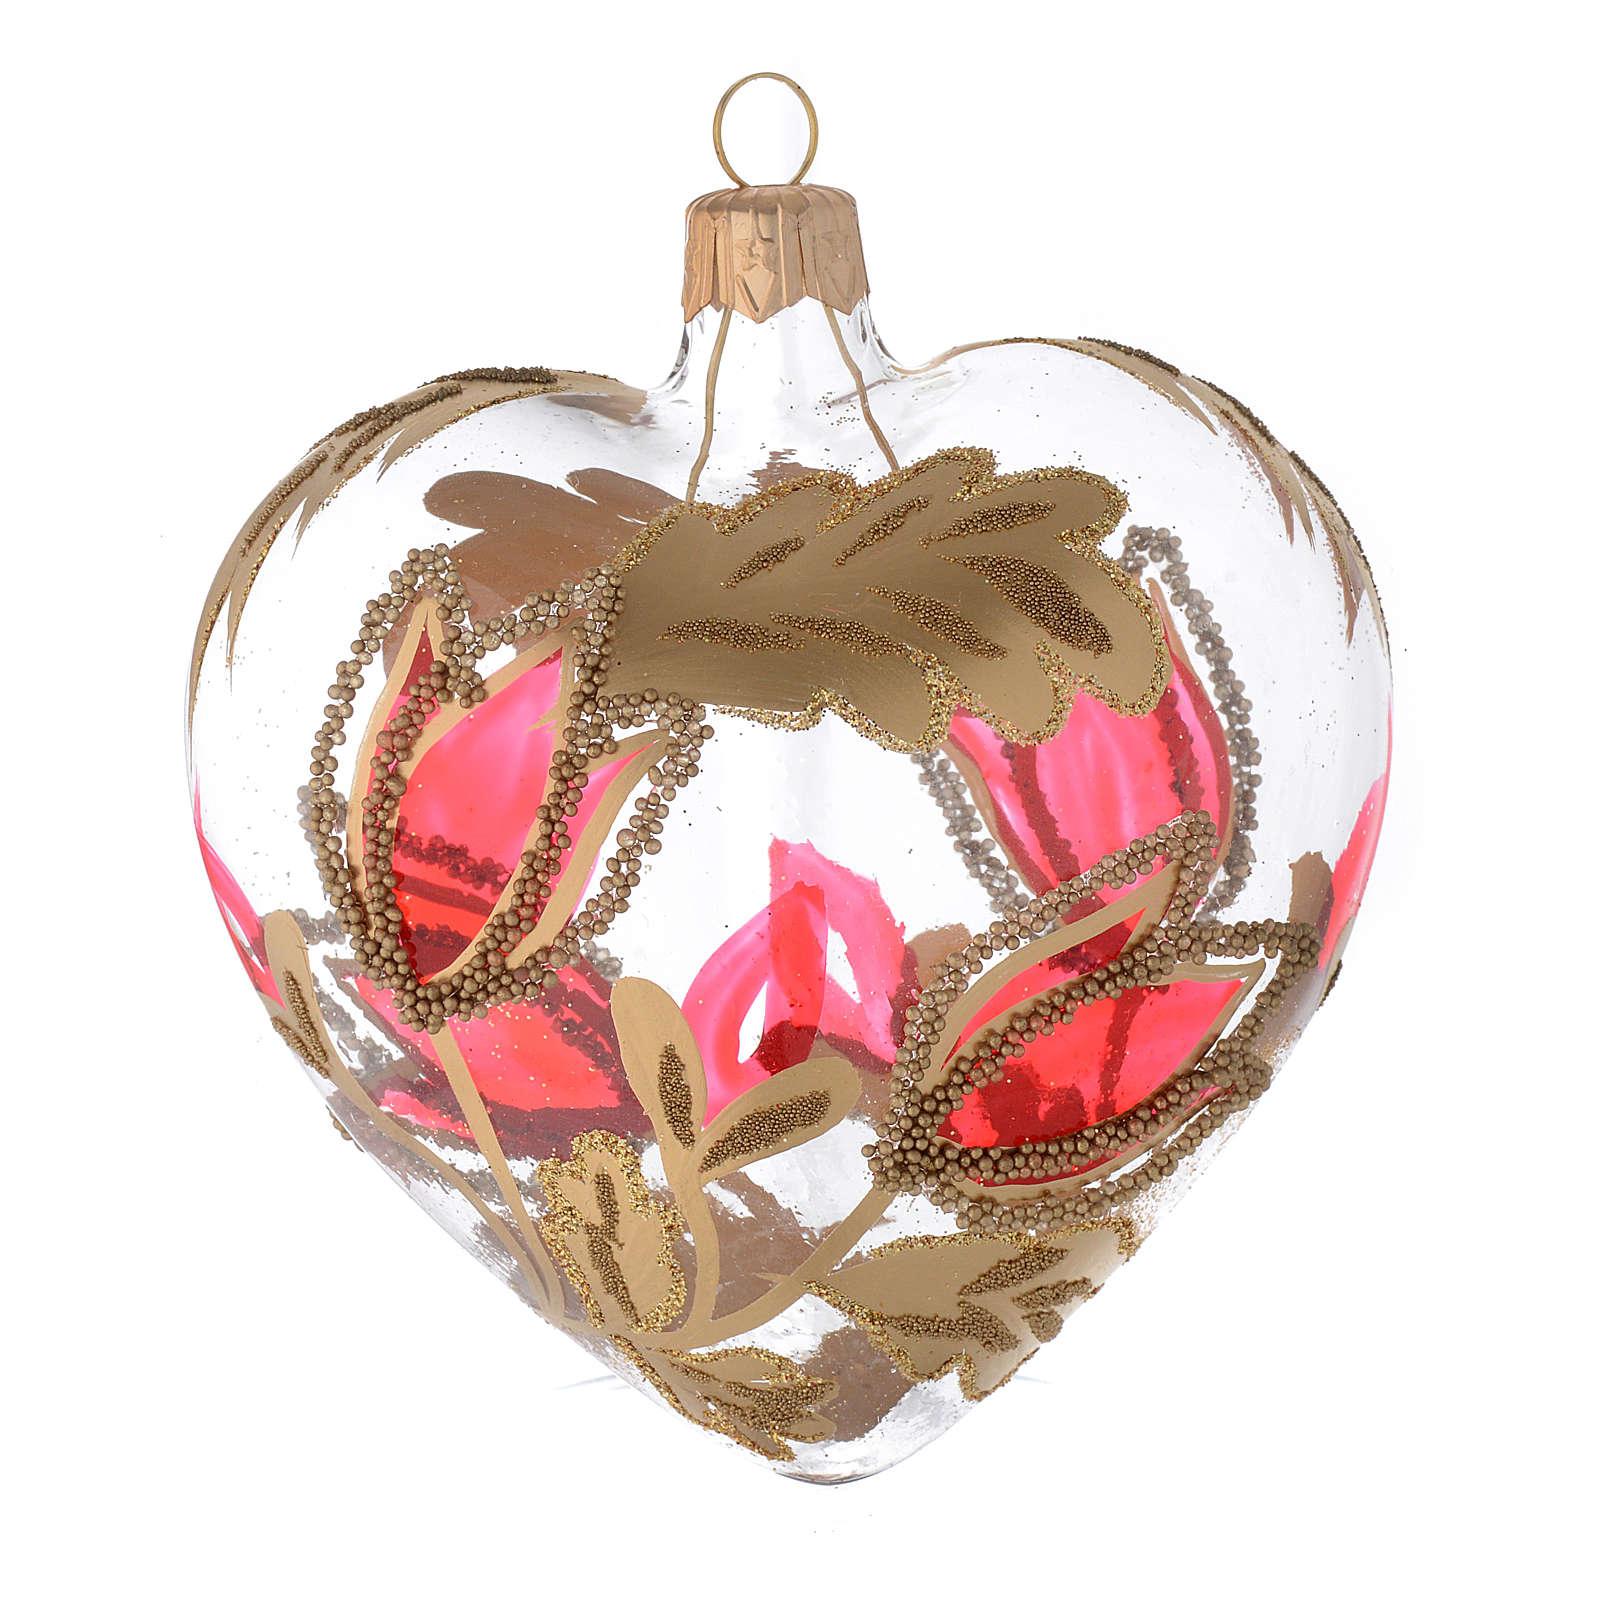 Bombka bożonarodzeniowa w kształcie serca szkło dekoracje czerwone i złote 100mm 4